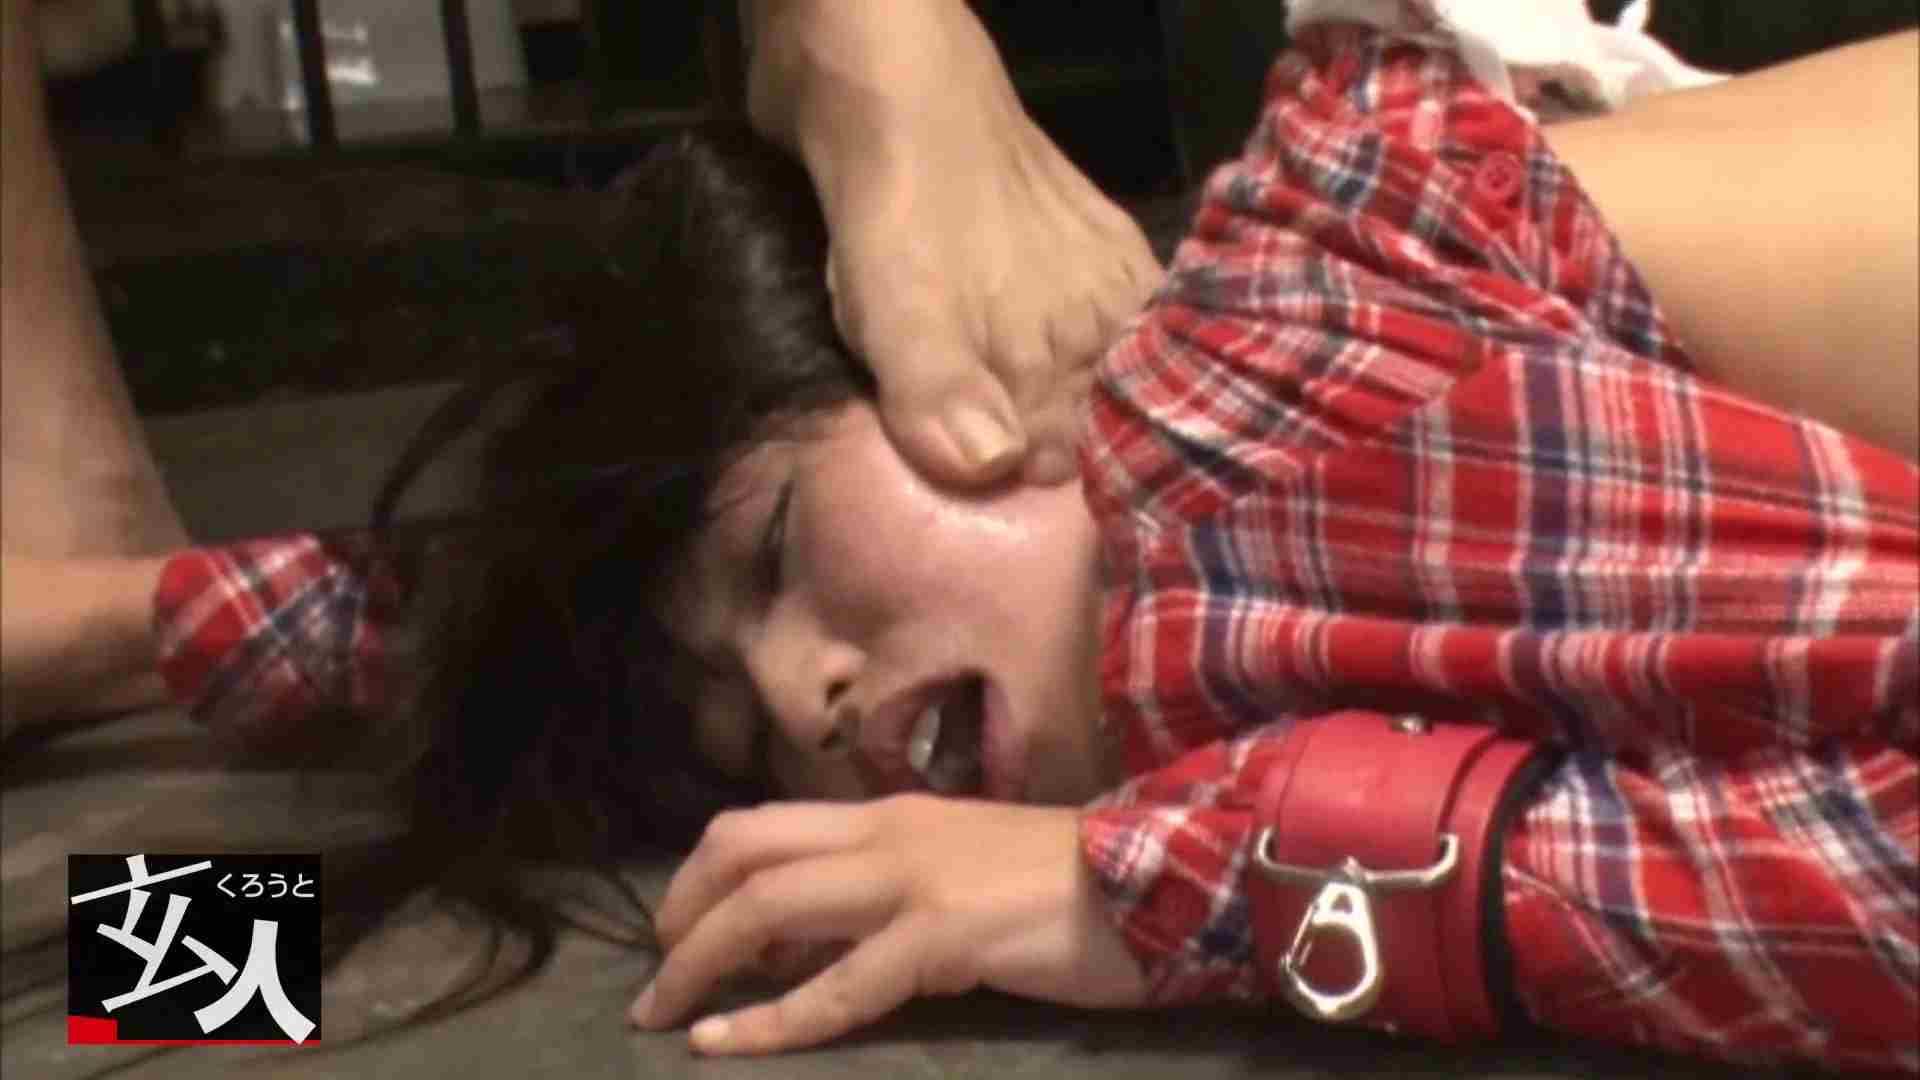 「邪淫無限ループ」拷問~極限状態正常心崩壊~浅川サラ いじくり セックス画像 113画像 51